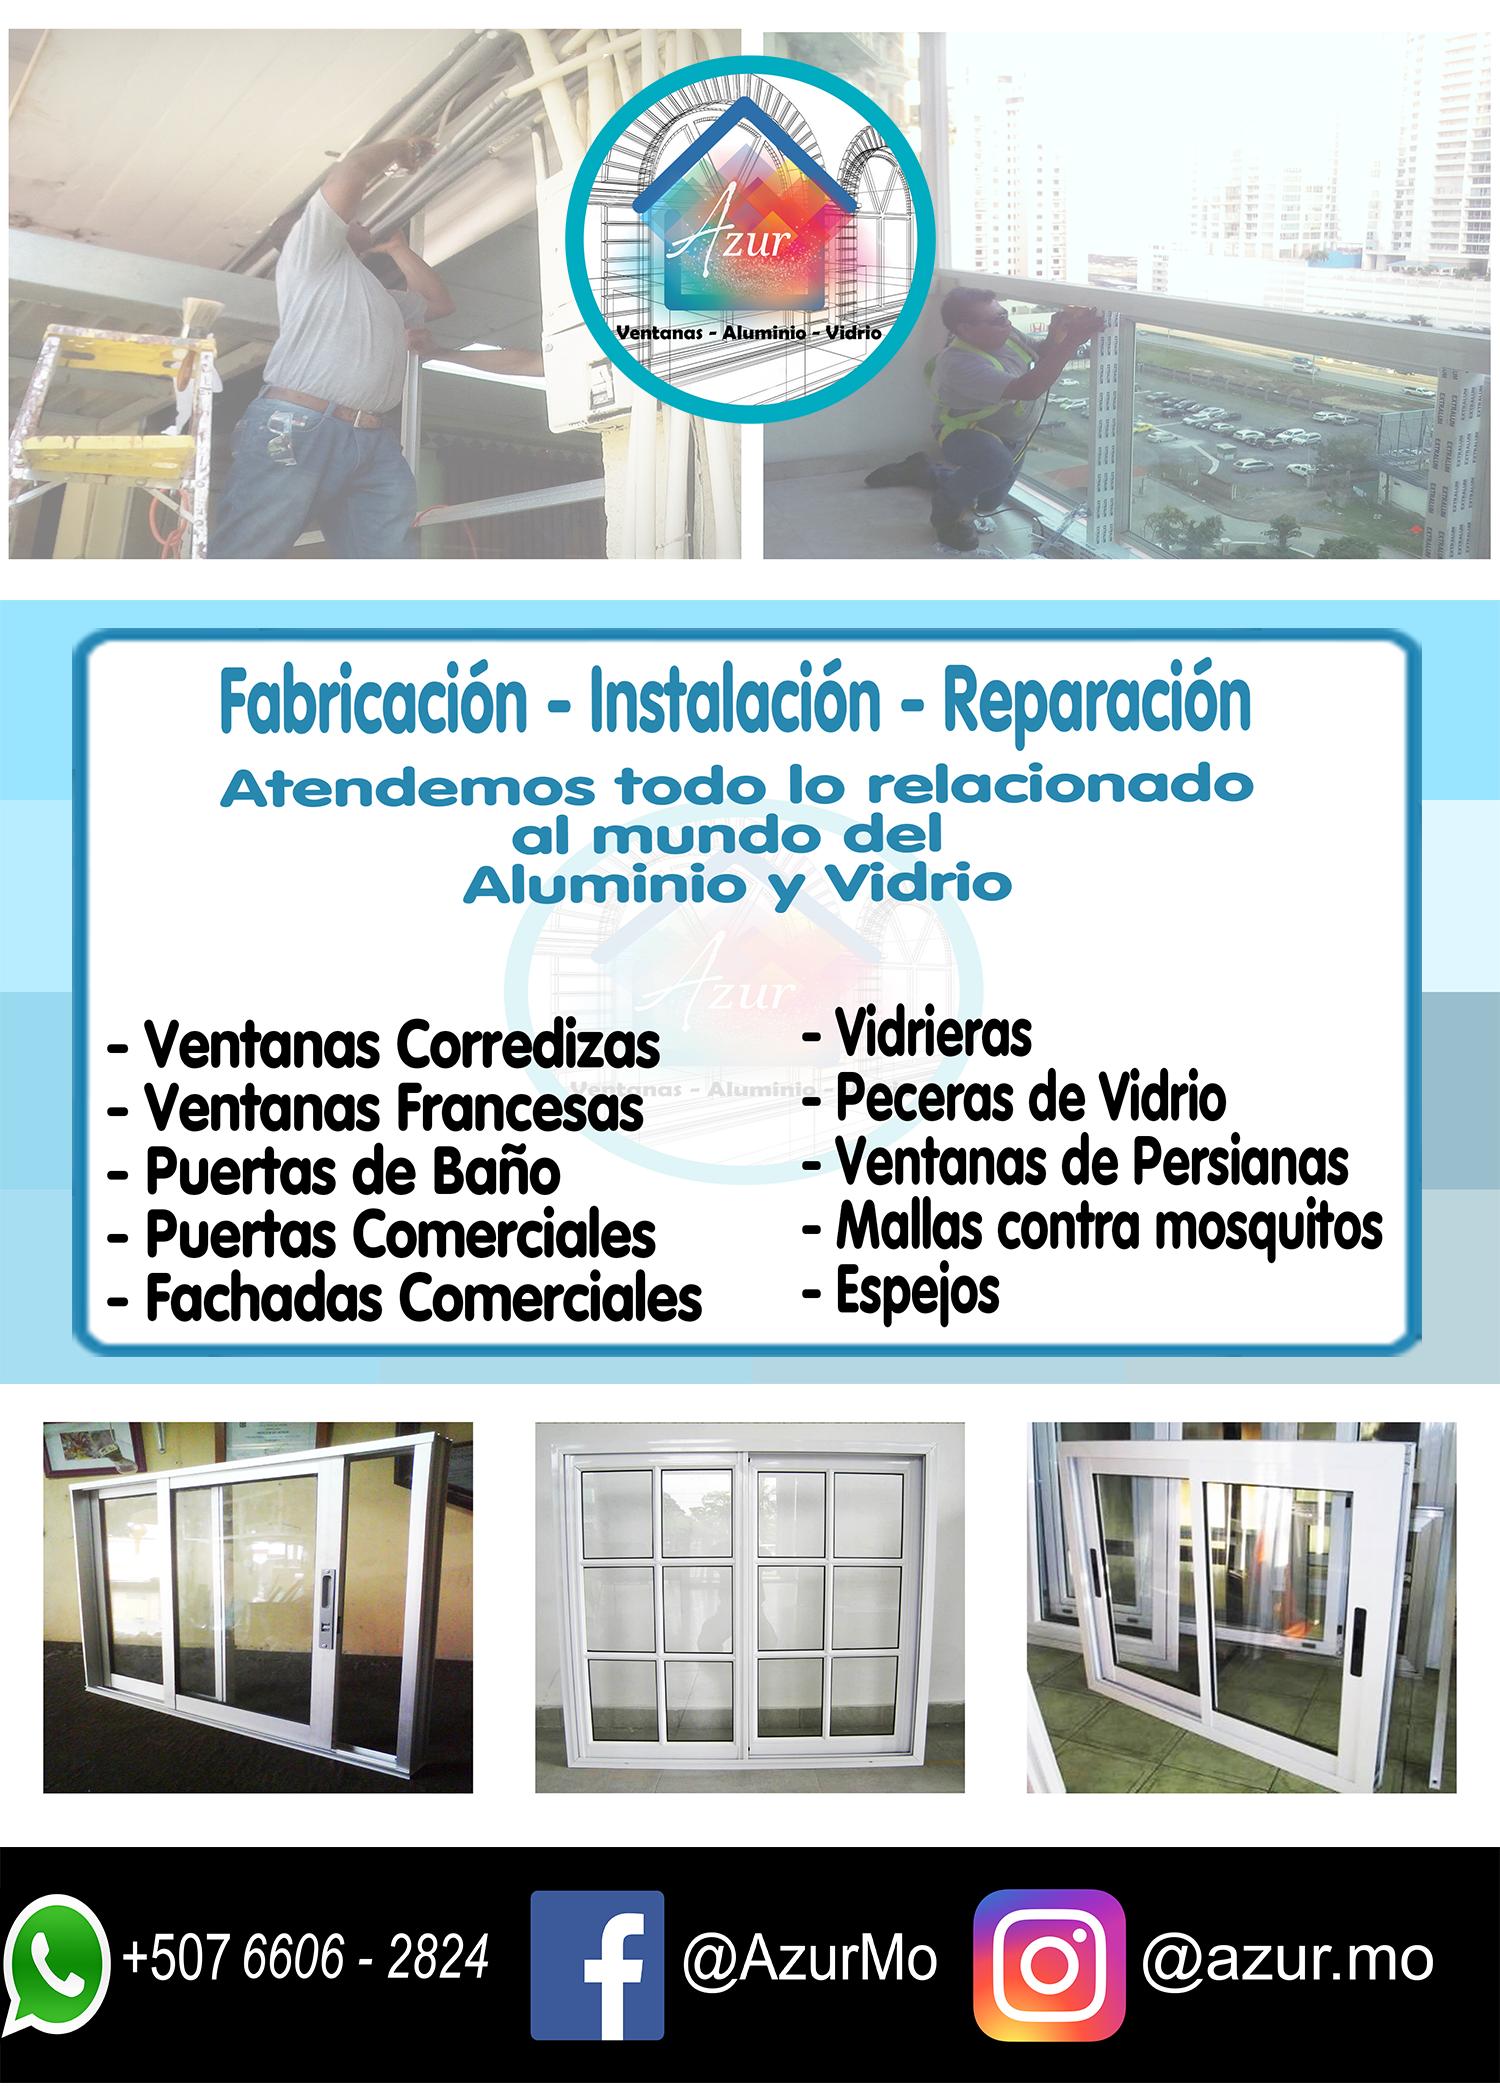 Instalacion fabricacion y reparacion de ventanas en for Reparacion de ventanas de aluminio